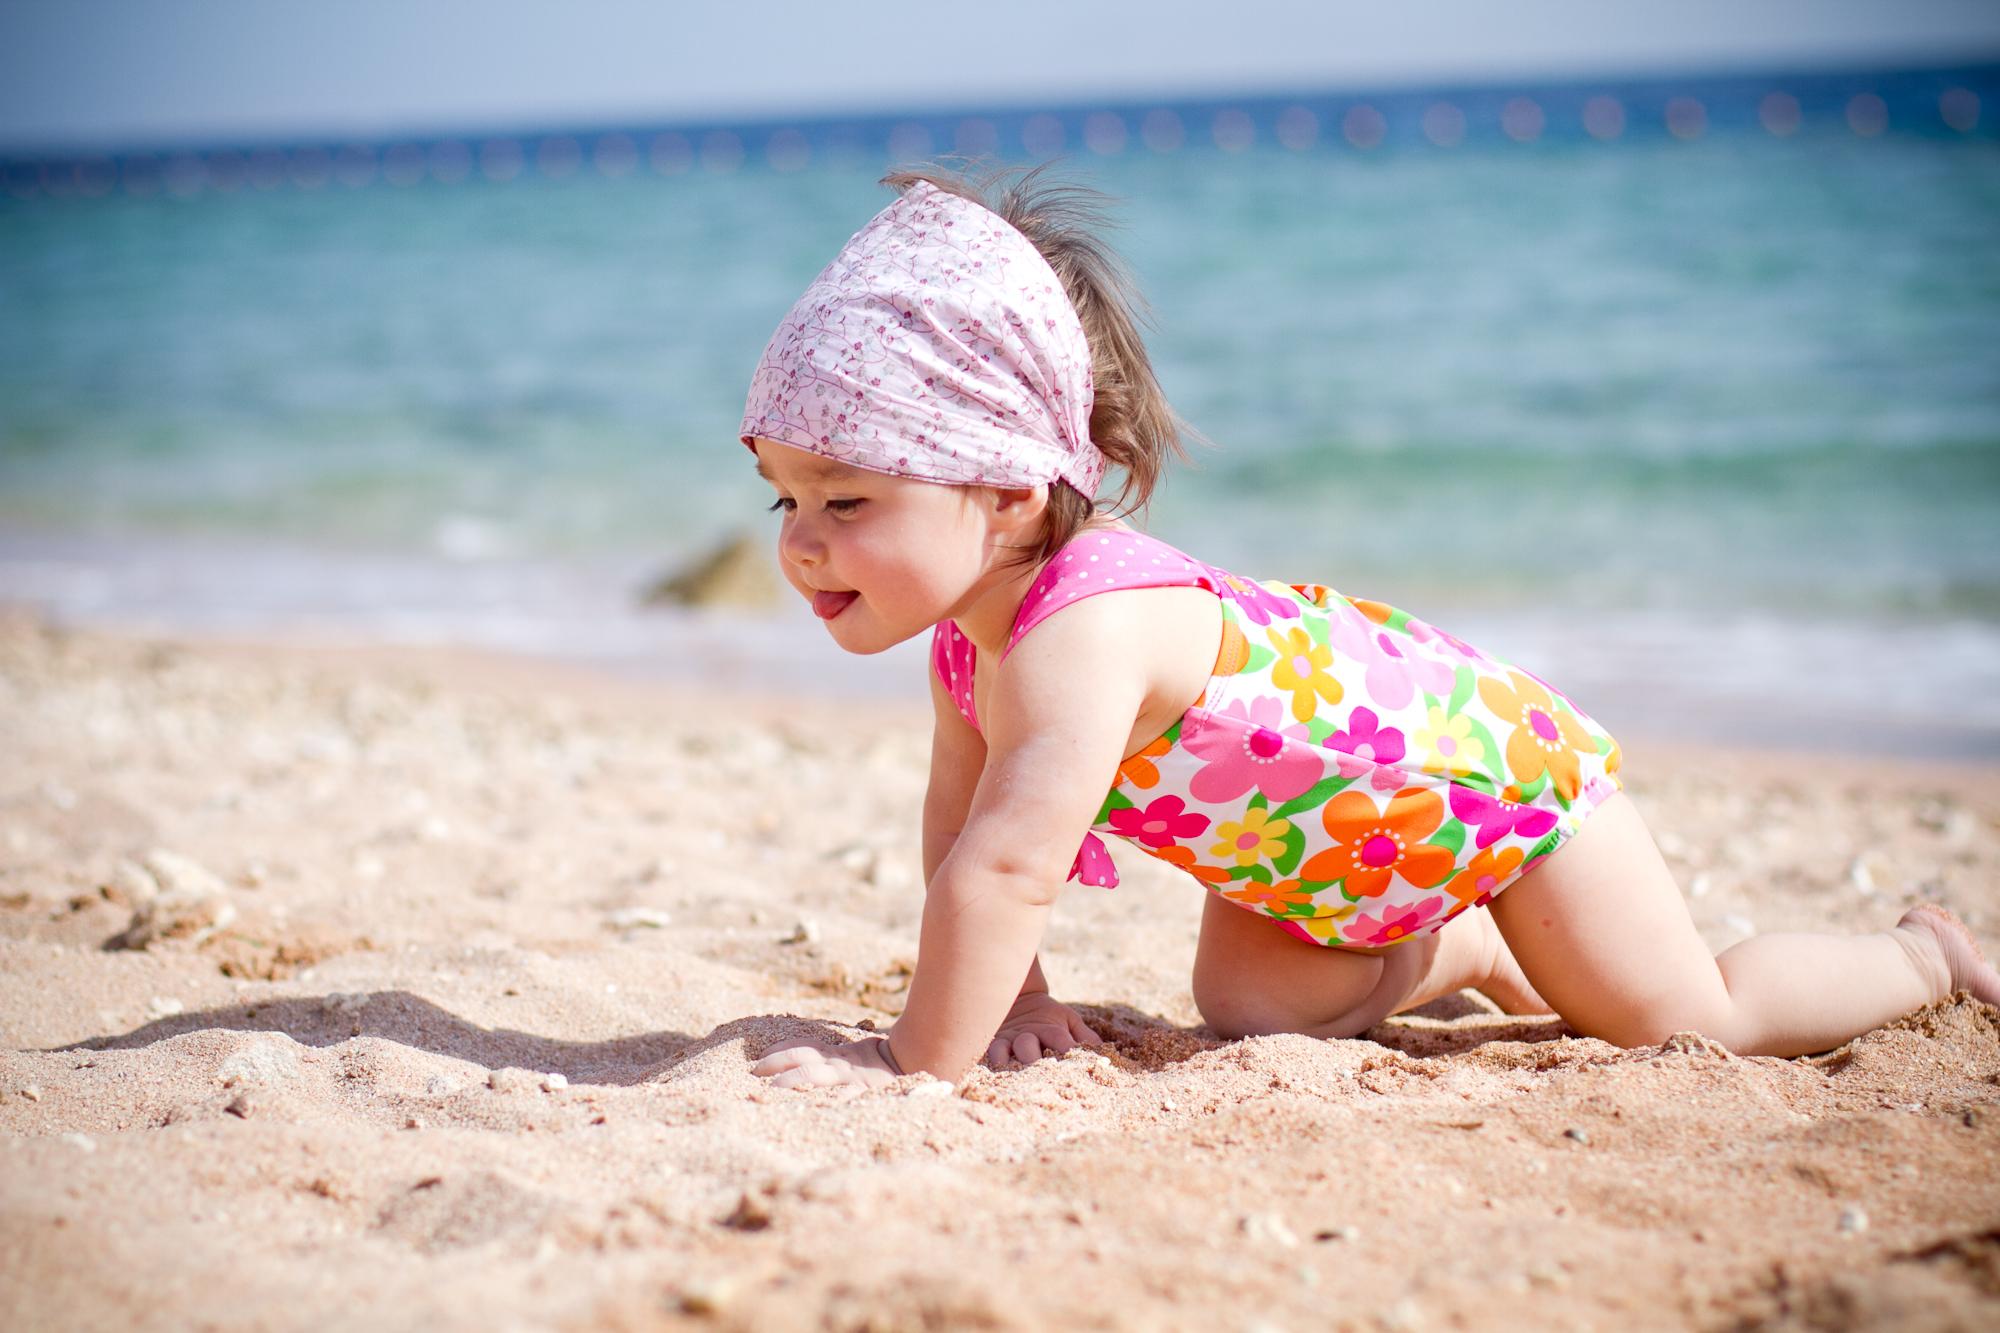 Чем увлечь ребенка на пляже?